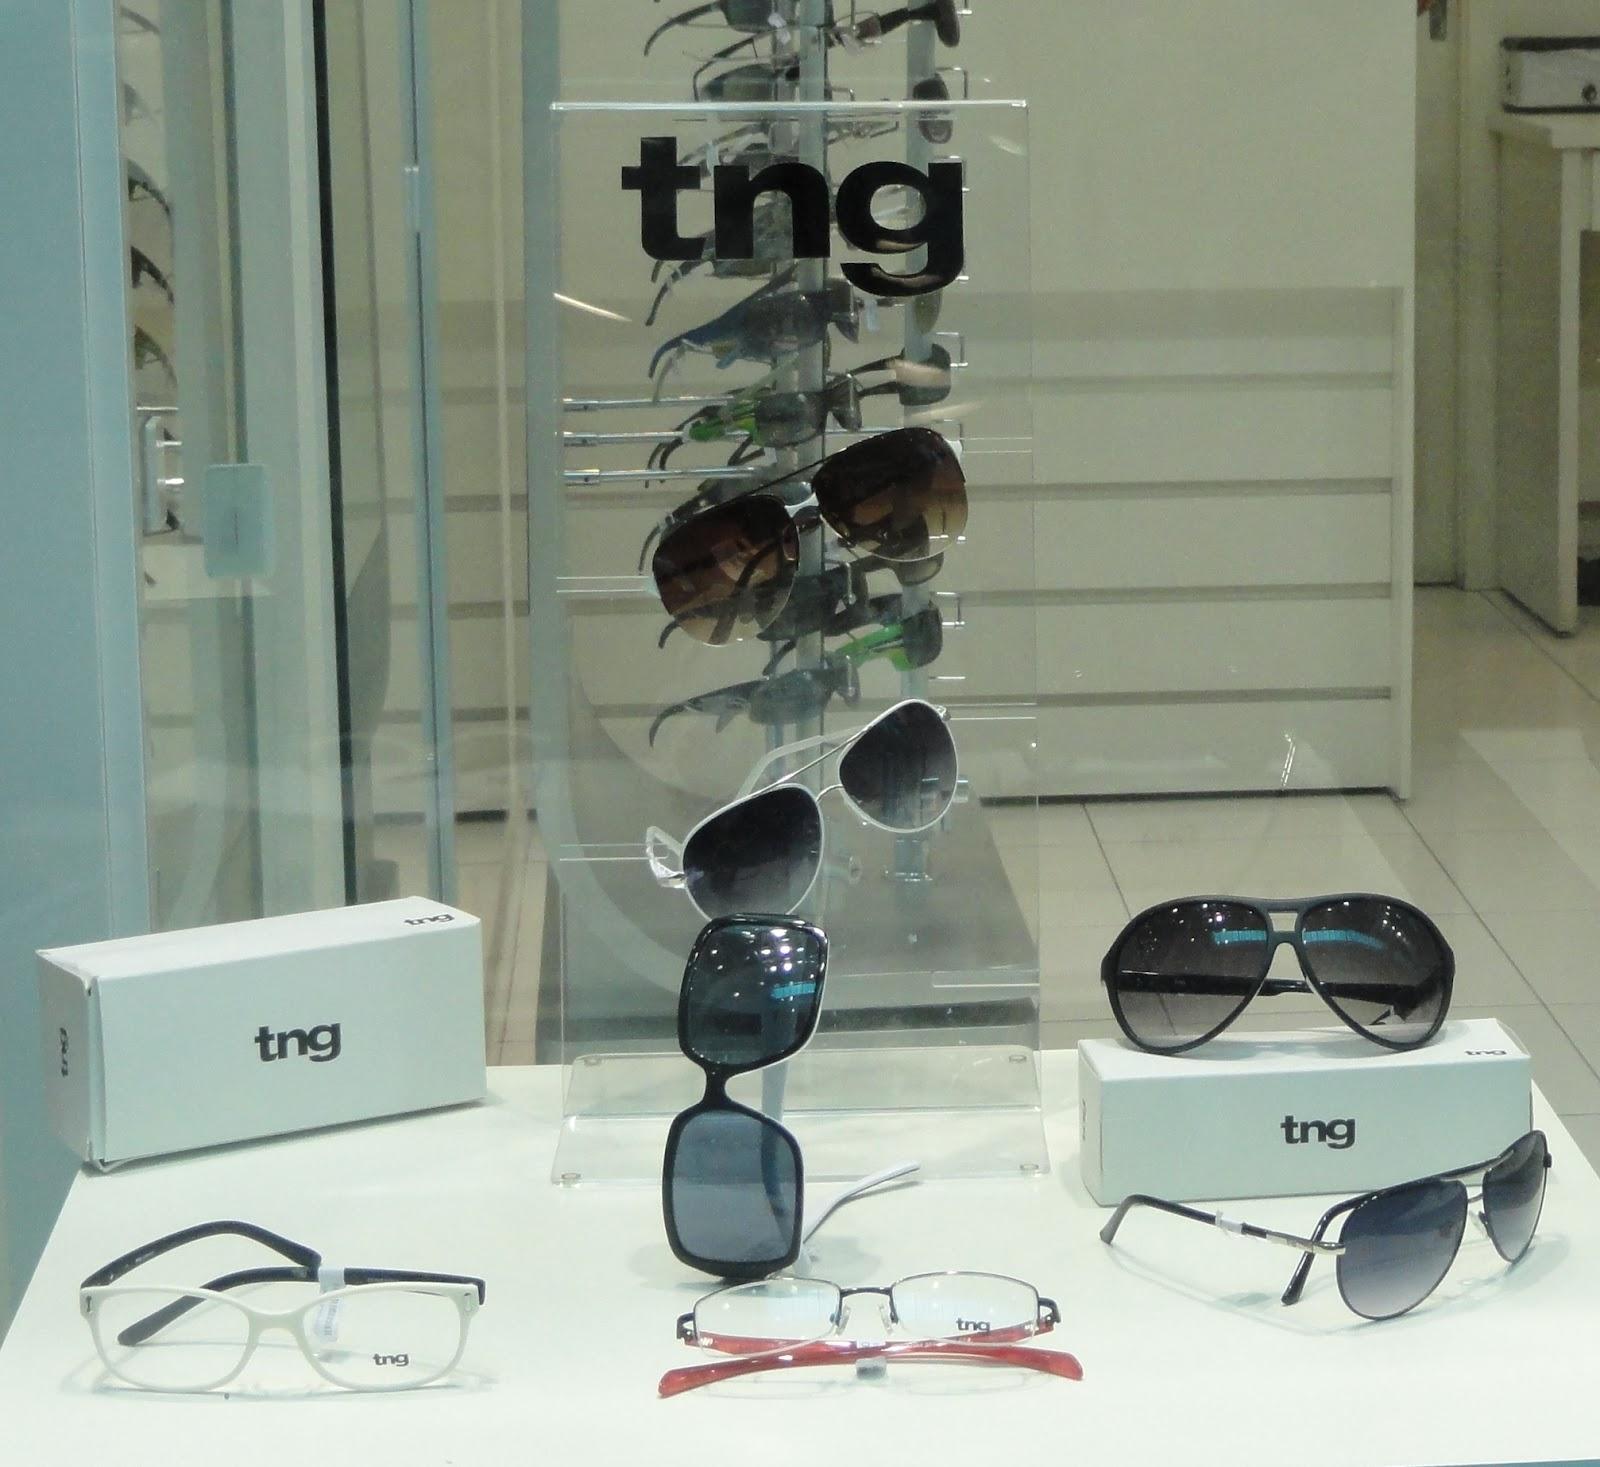 98d33918f6e4d Vocês sabiam que a TNG (marca de roupas) agora tem uma linha de óculos   Pois é